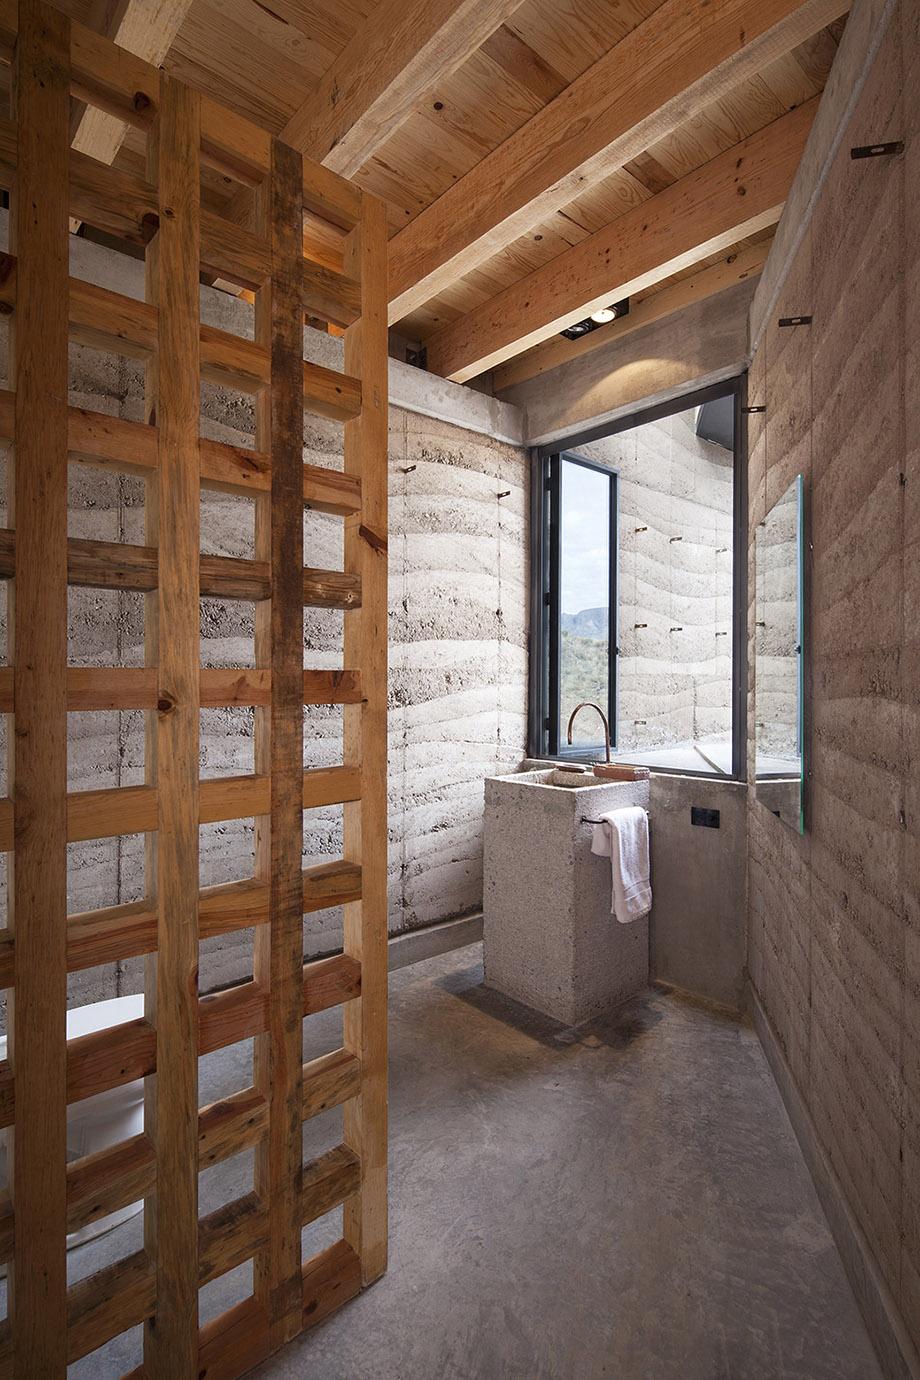 ห้องน้ำโชว์ความดิบของวัสดุคอนกรีตและไม้